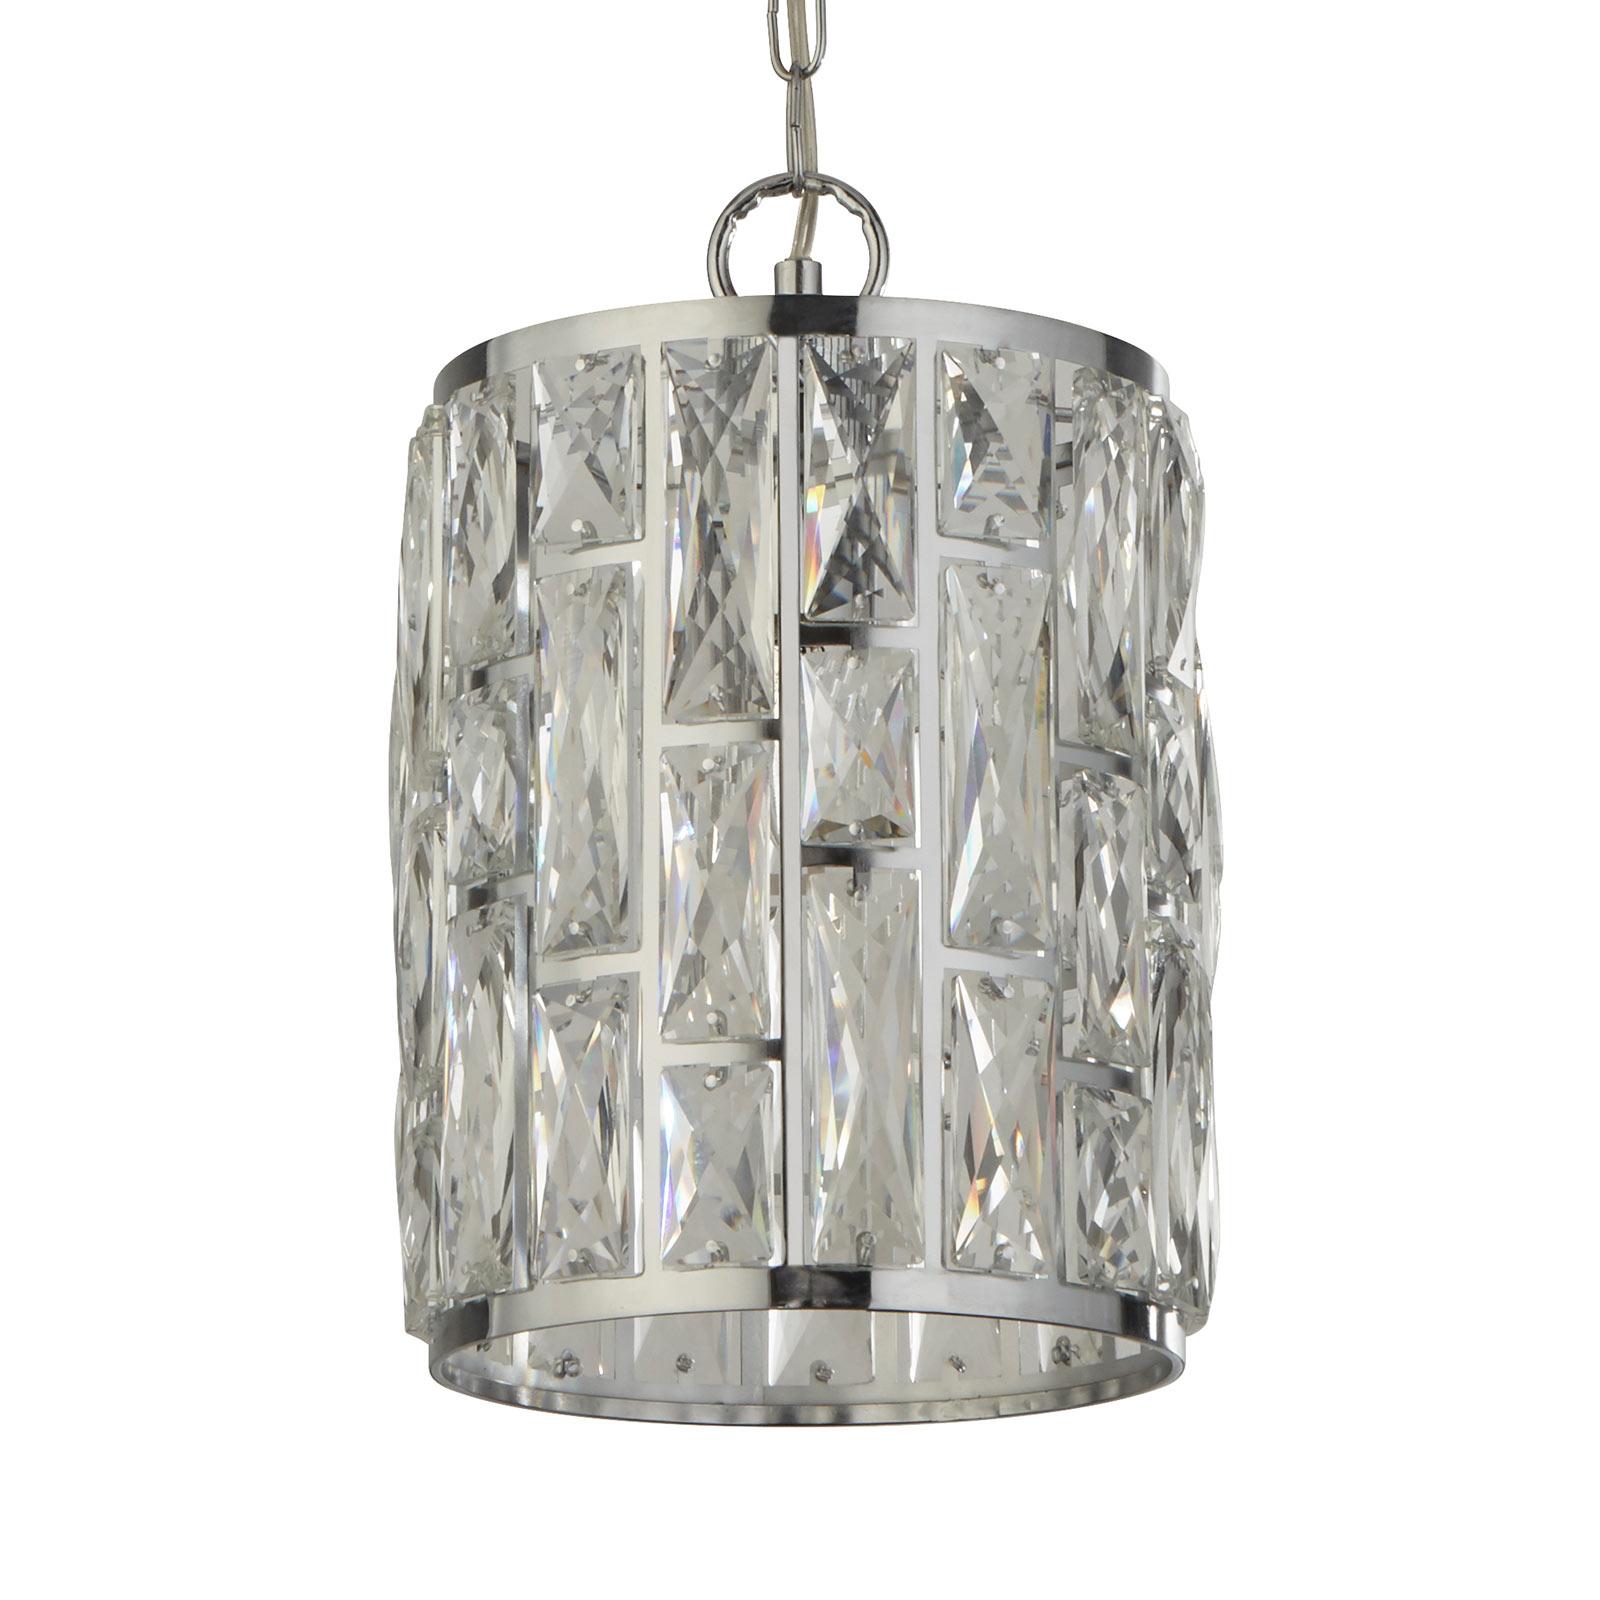 Hanglamp Bijou, kap met kristallen, Ø 22 cm